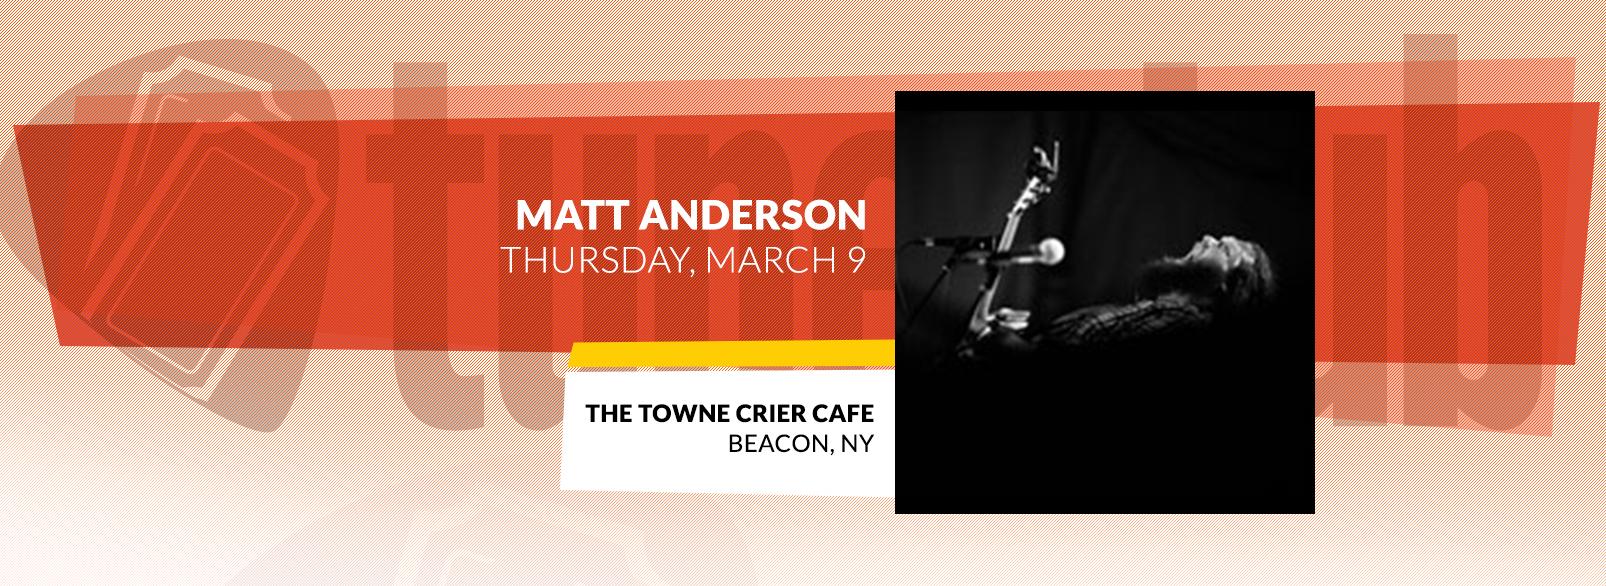 Matt Andersen @ The Towne Crier Cafe